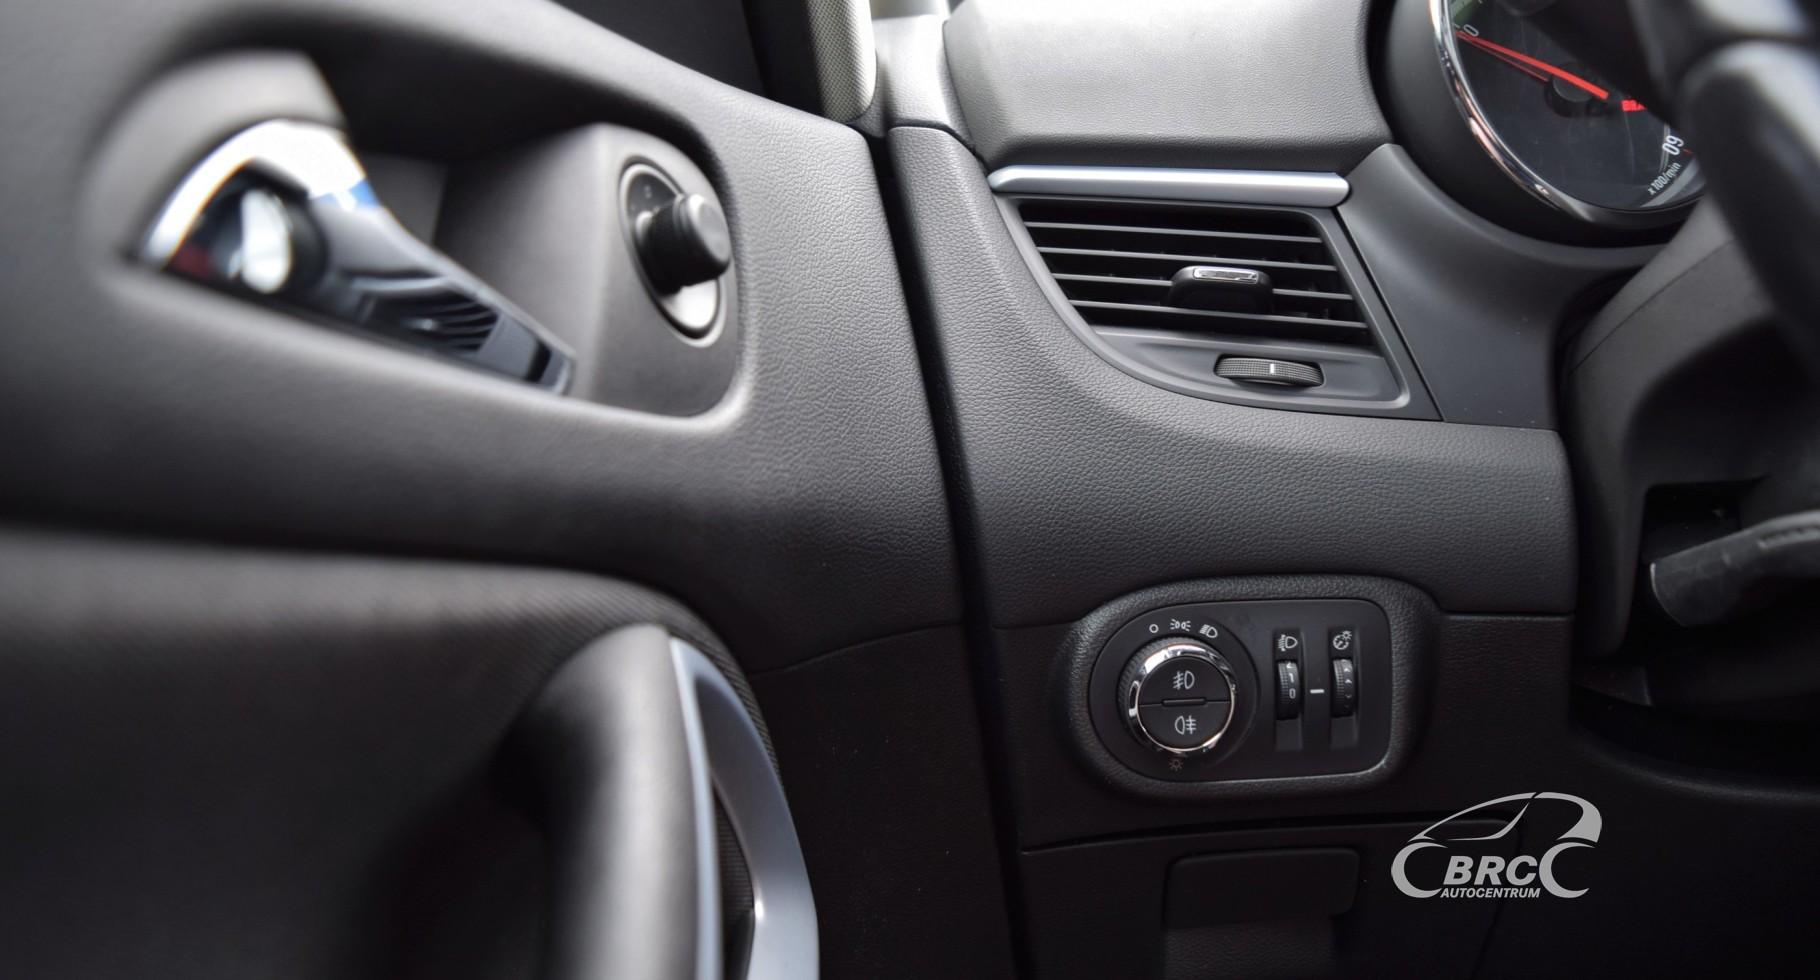 Opel Zafira Tourer CDTi 7 seats